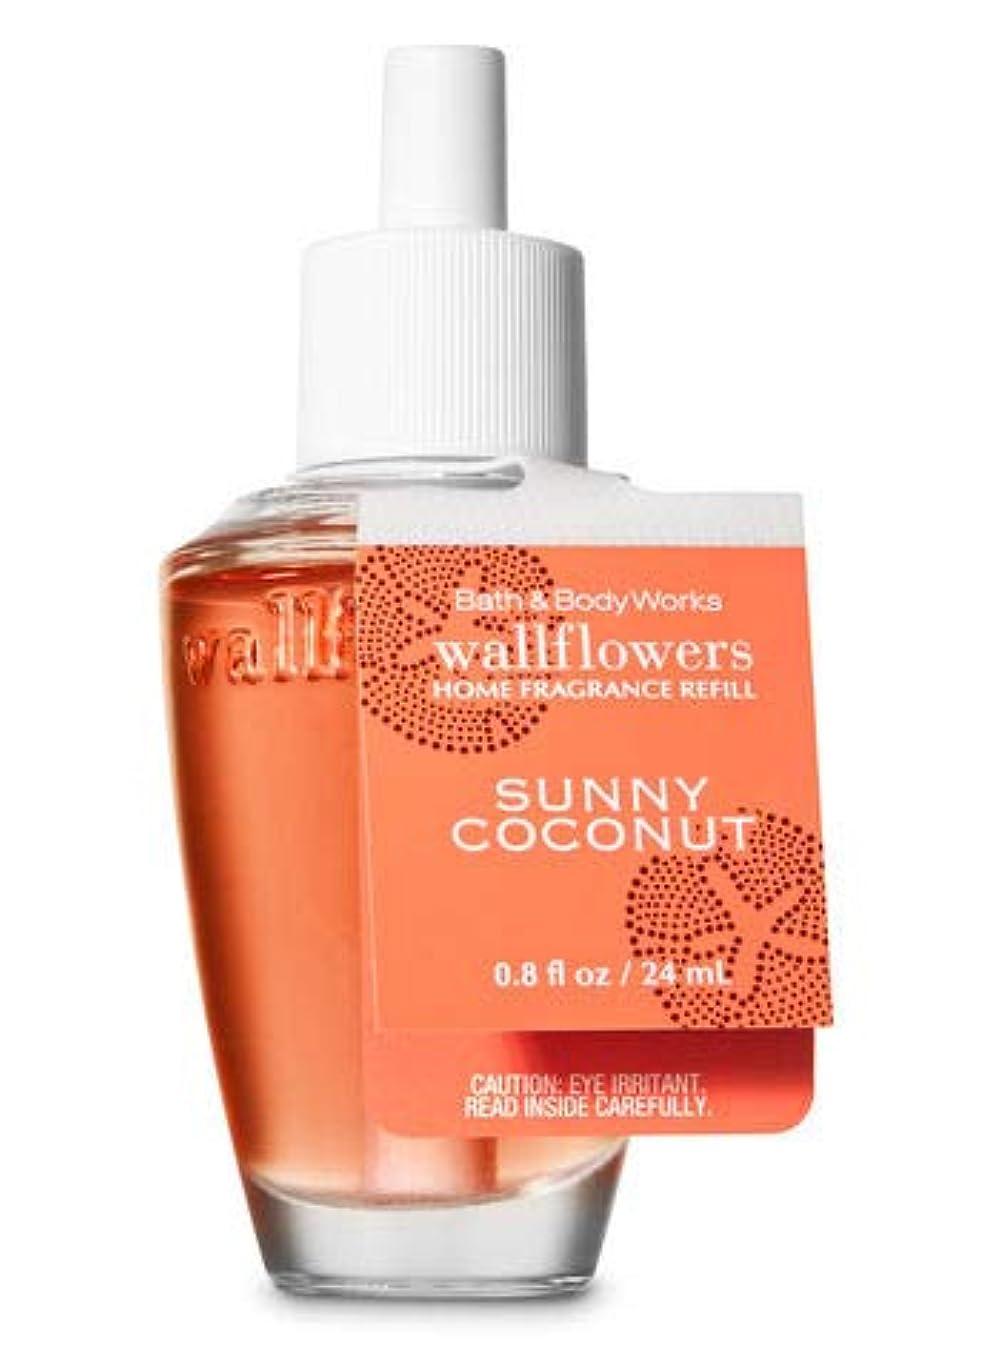 小説家申し込む保証金【Bath&Body Works/バス&ボディワークス】 ルームフレグランス 詰替えリフィル サニーココナッツ Wallflowers Home Fragrance Refill Sunny Coconut [並行輸入品]